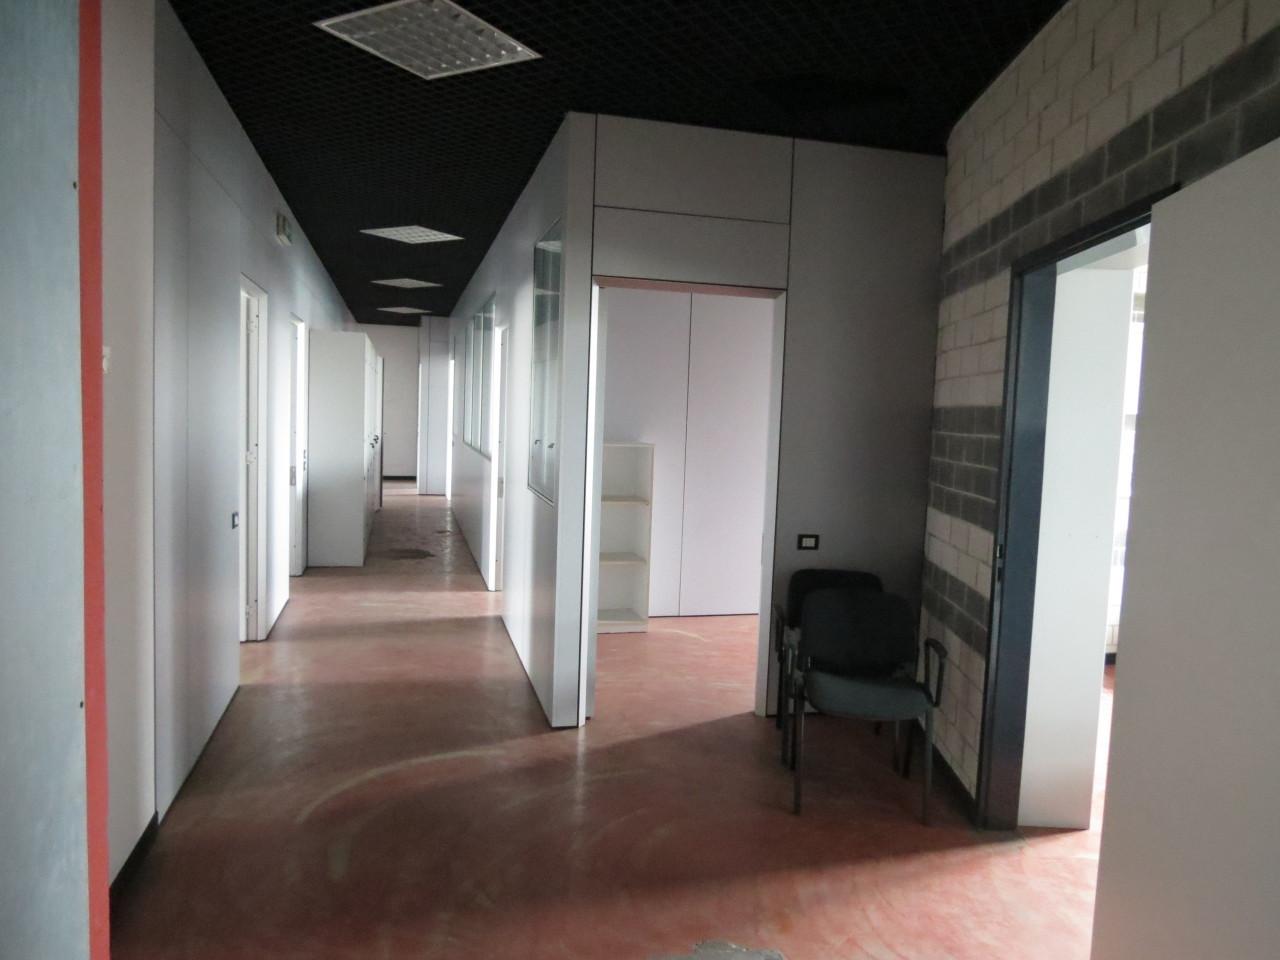 Attività / Licenza in vendita a Milano, 9999 locali, prezzo € 850.000 | CambioCasa.it